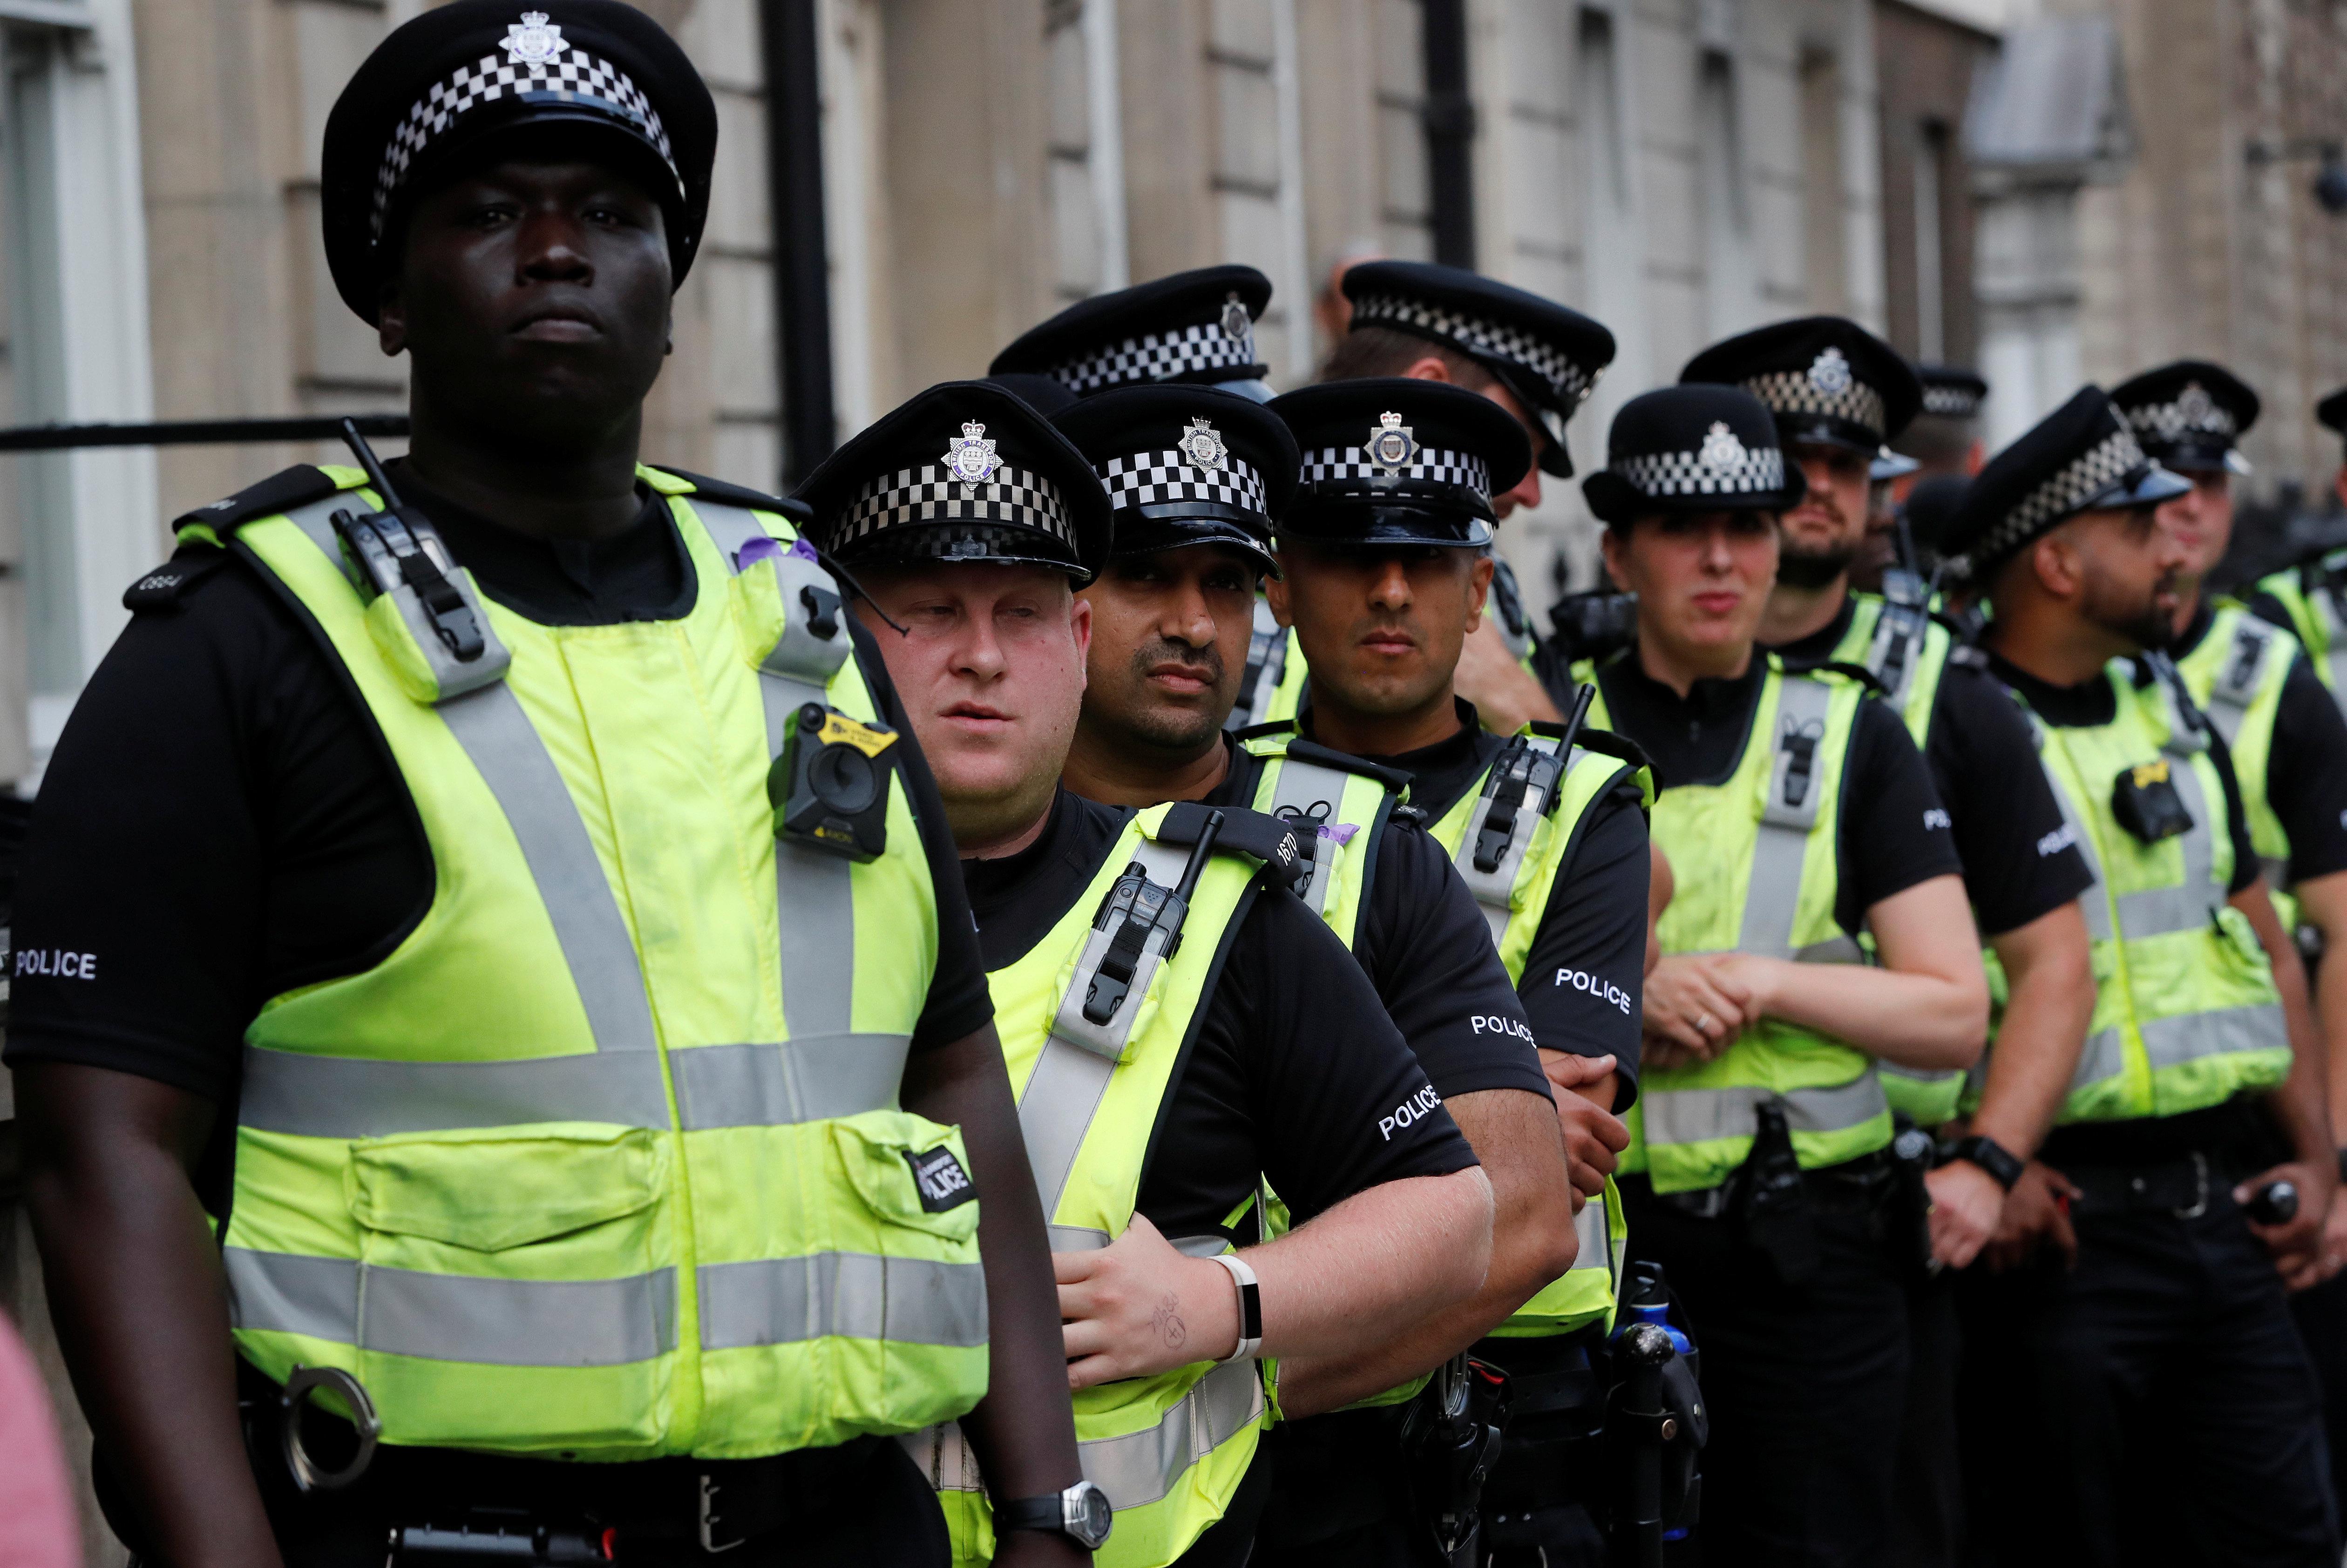 Londres: Une voiture fonce sur les barrières du Parlement, un homme